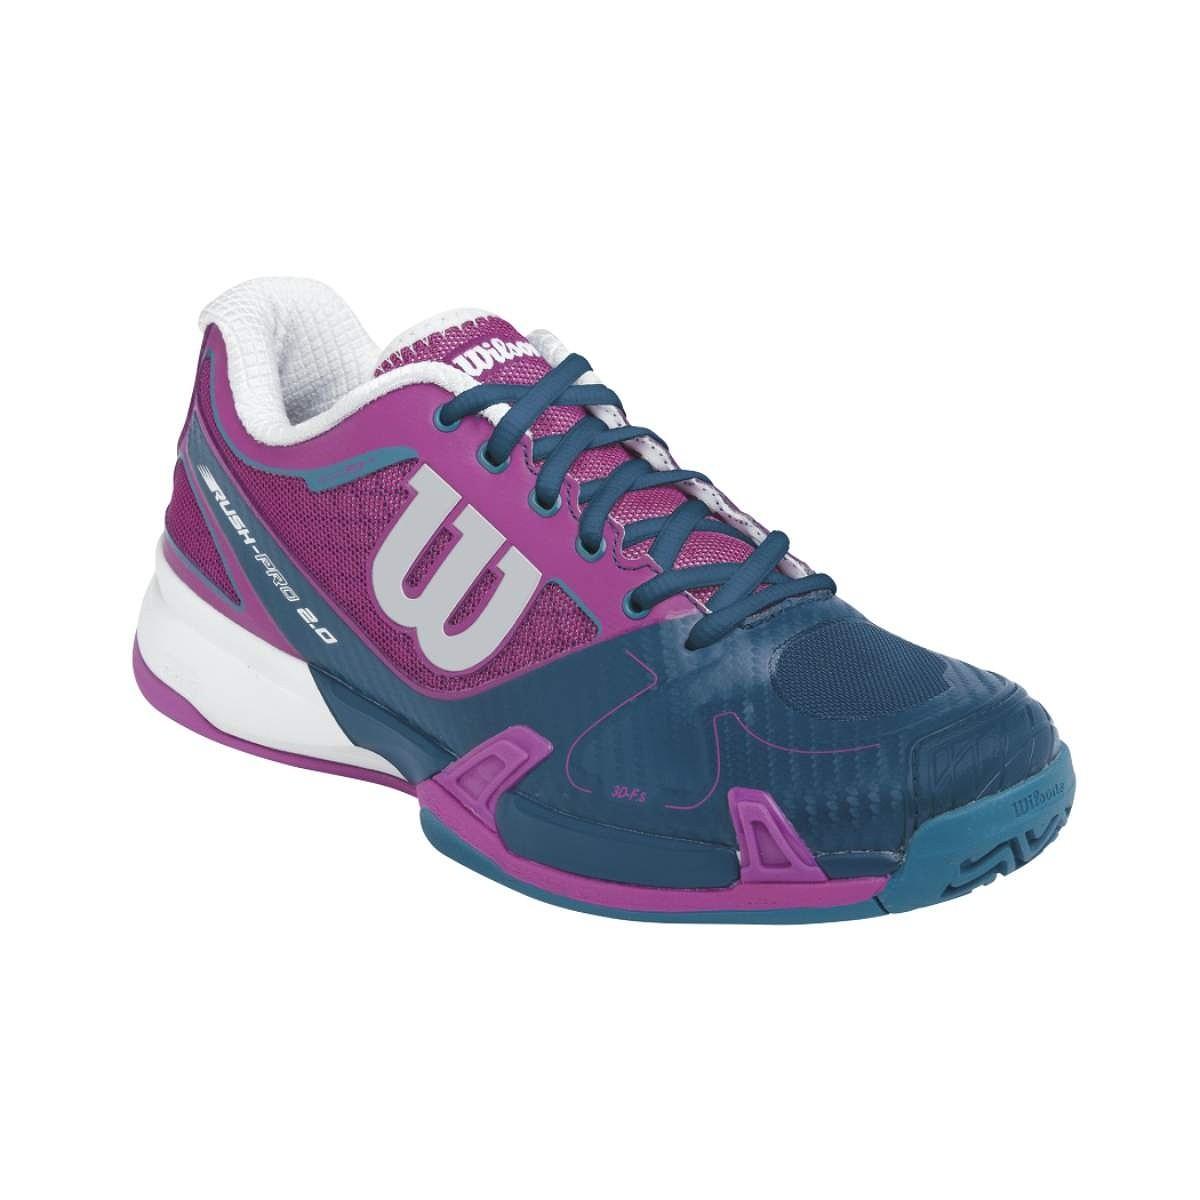 Buty tenisowe damskie Wilson Rush Pro 2.0 Women's Clay - wyprzedaż!